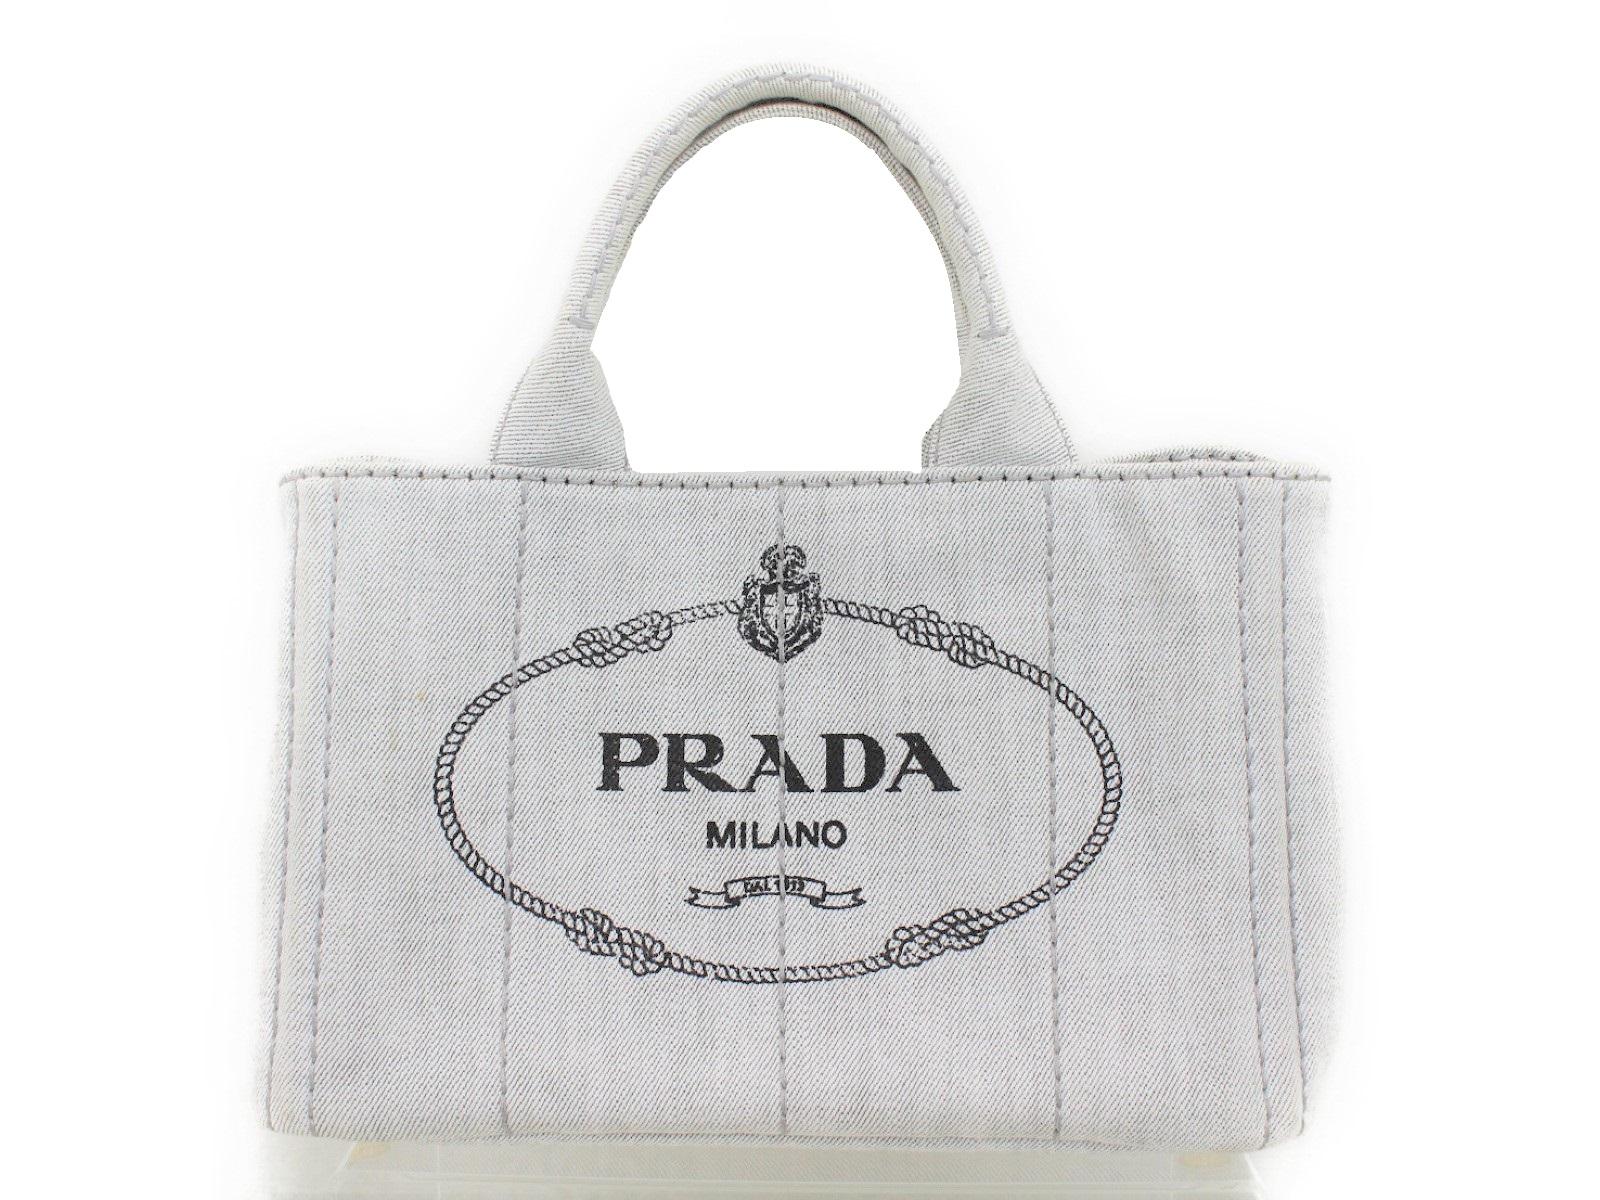 PRADA プラダカナパ 1BG439ビアンコ ライトグレー ゴールド金具ハンド ショルダー 2WAYバッグ【中古】